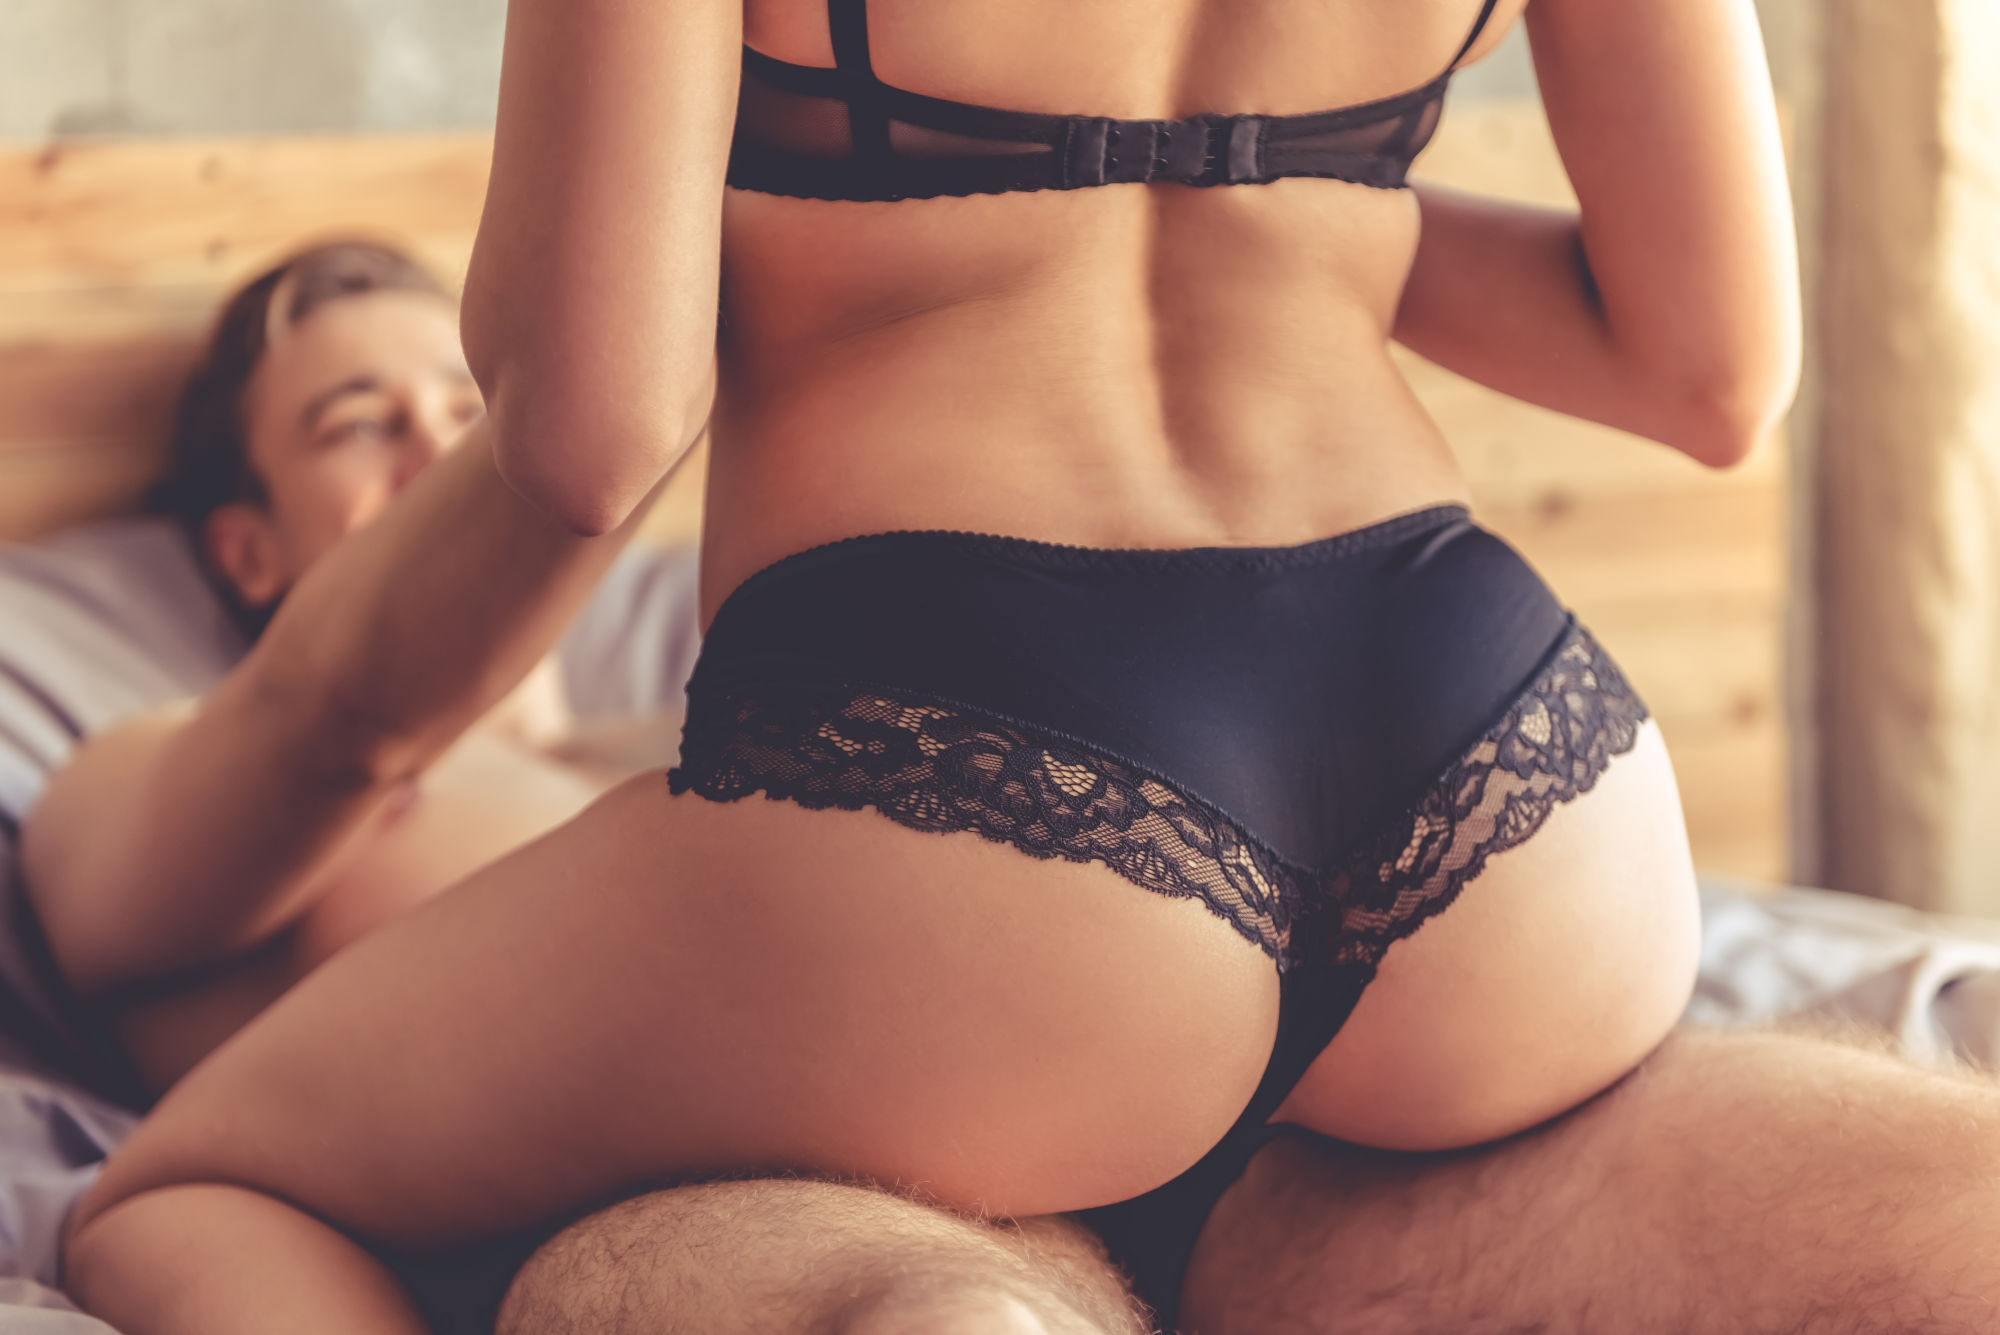 joven encima de su novio en la cama